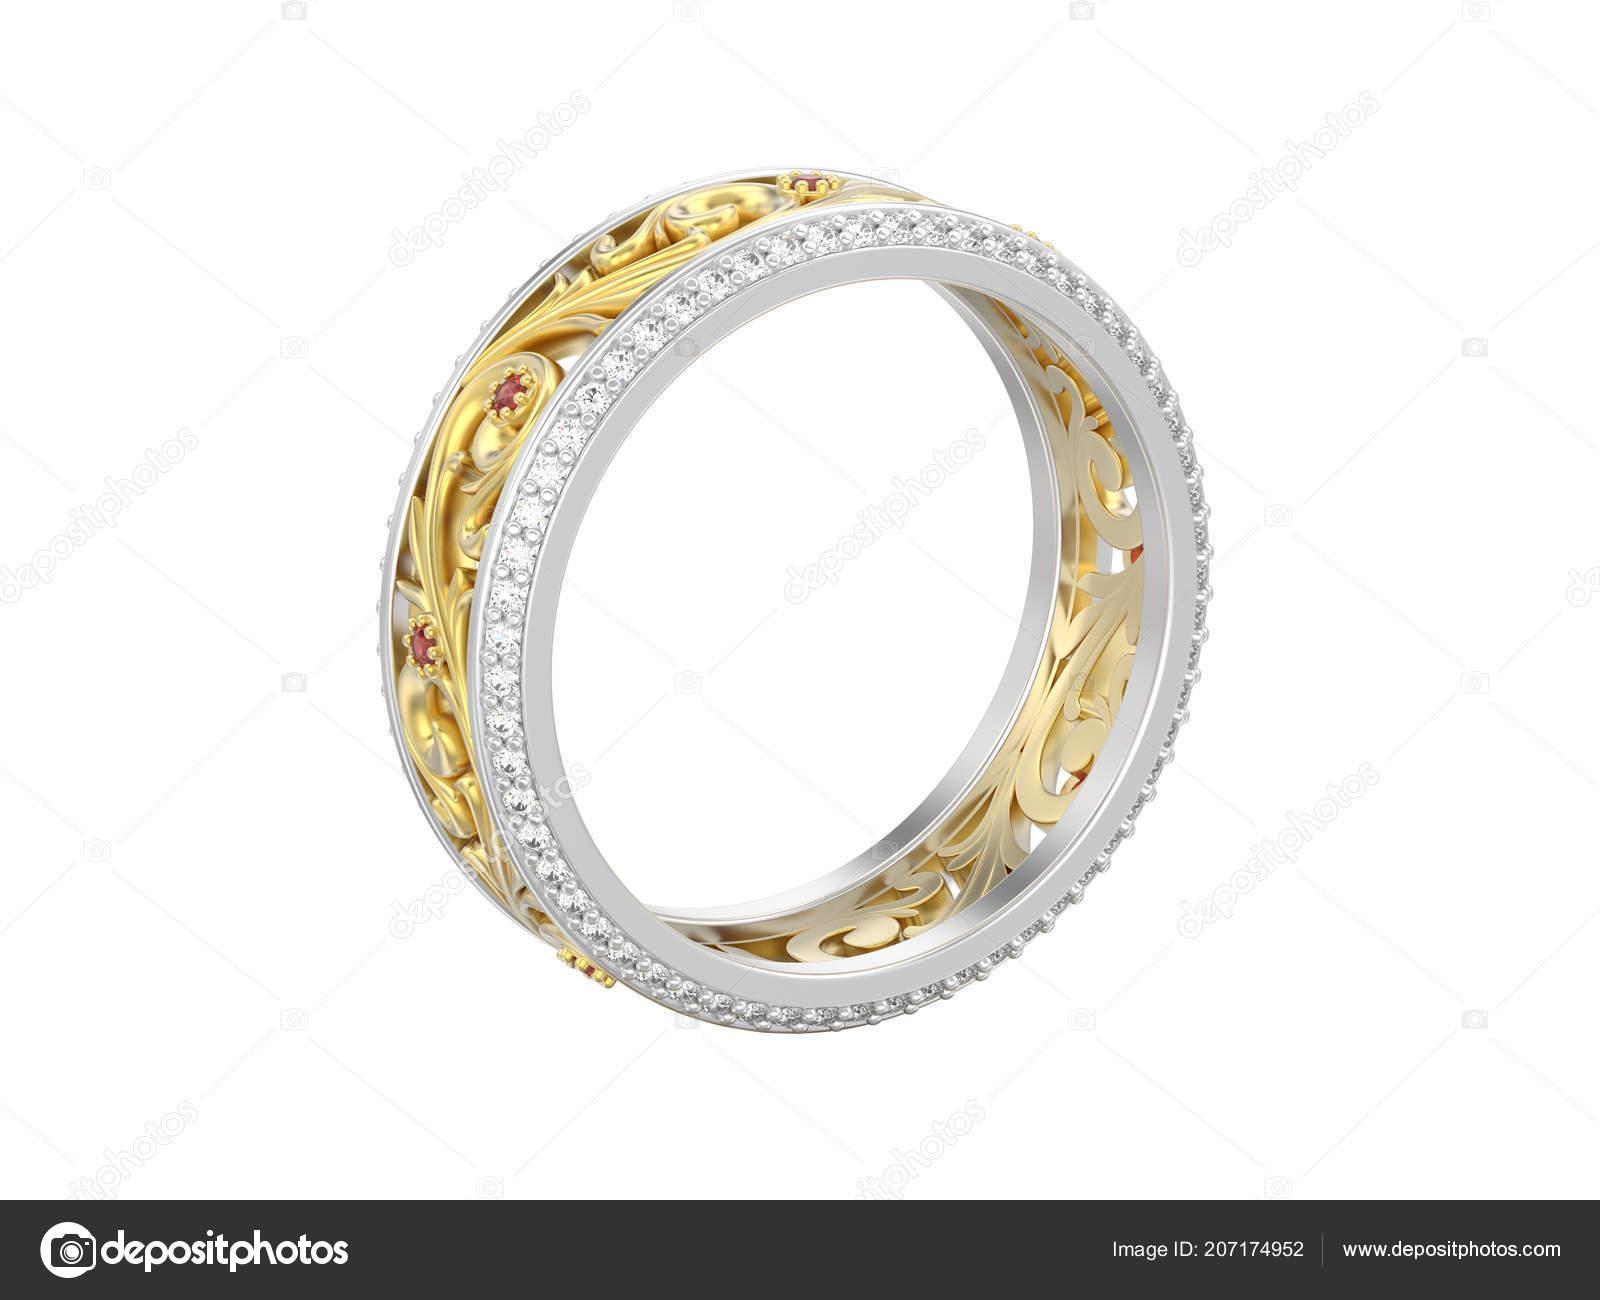 6d4fdca5d809 3D изолированных иллюстрация украшения желтого цвета с белым золотом или  серебром обручальное кольцо Обручальное кольцо с кривой, орнамент — Фото  автора ...